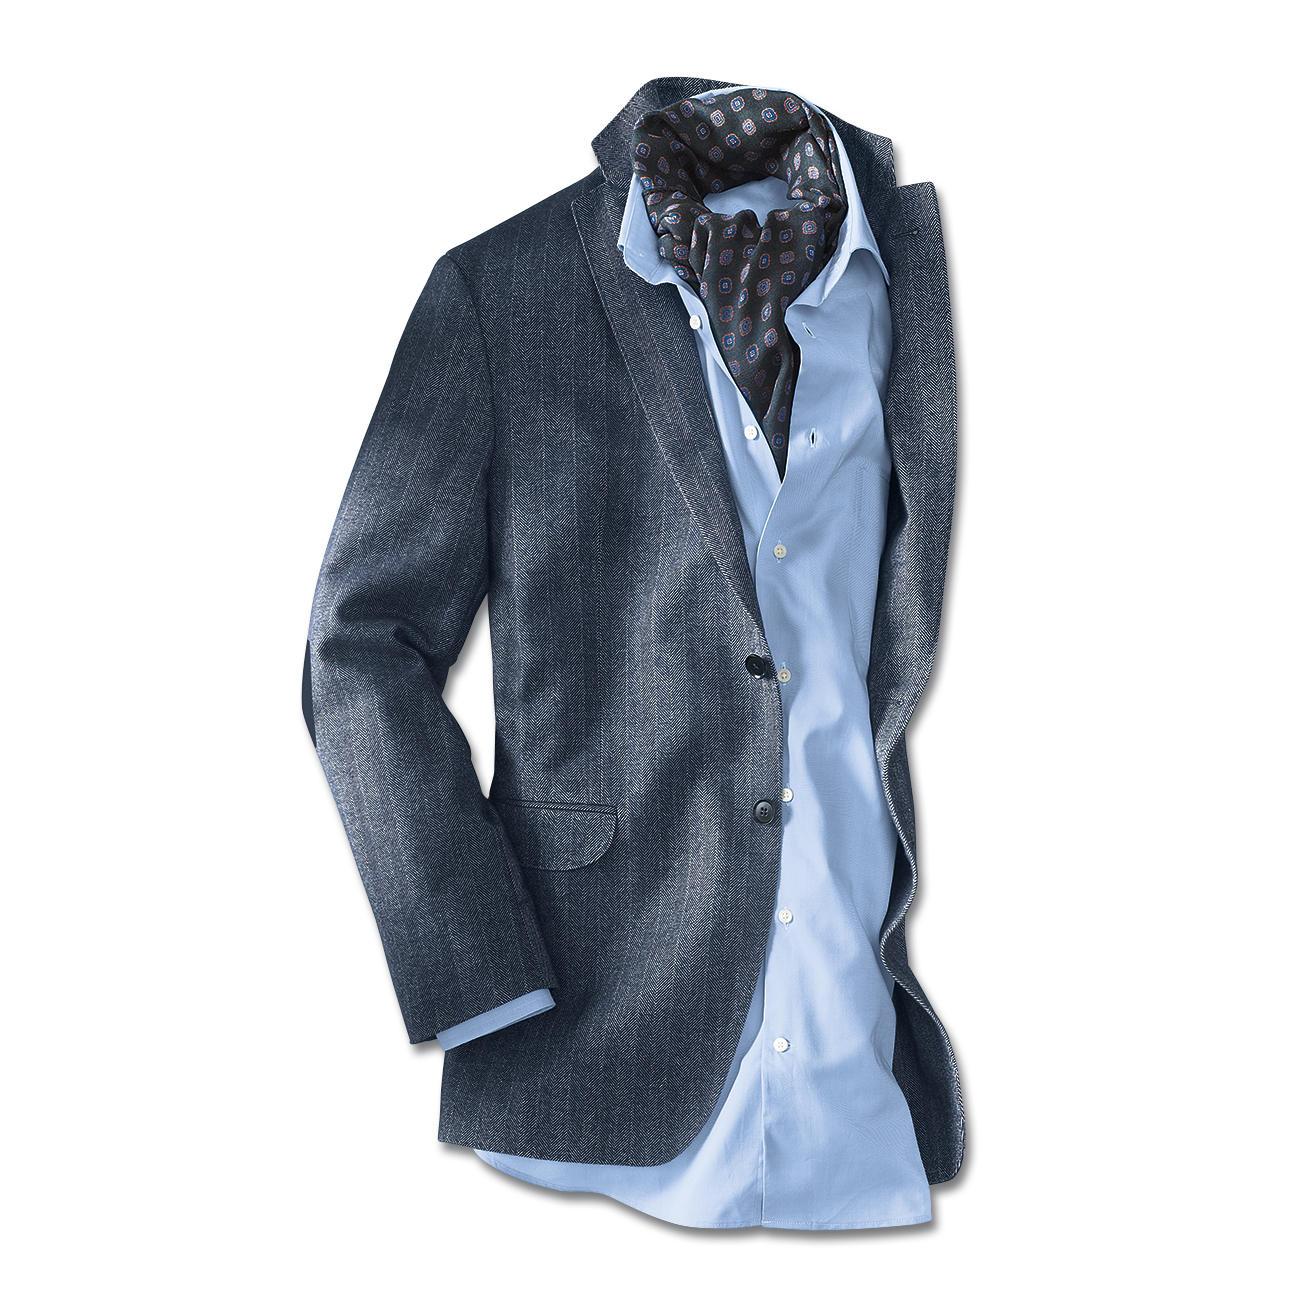 pima cotton sakko blau wei mit 3 jahren garantie. Black Bedroom Furniture Sets. Home Design Ideas